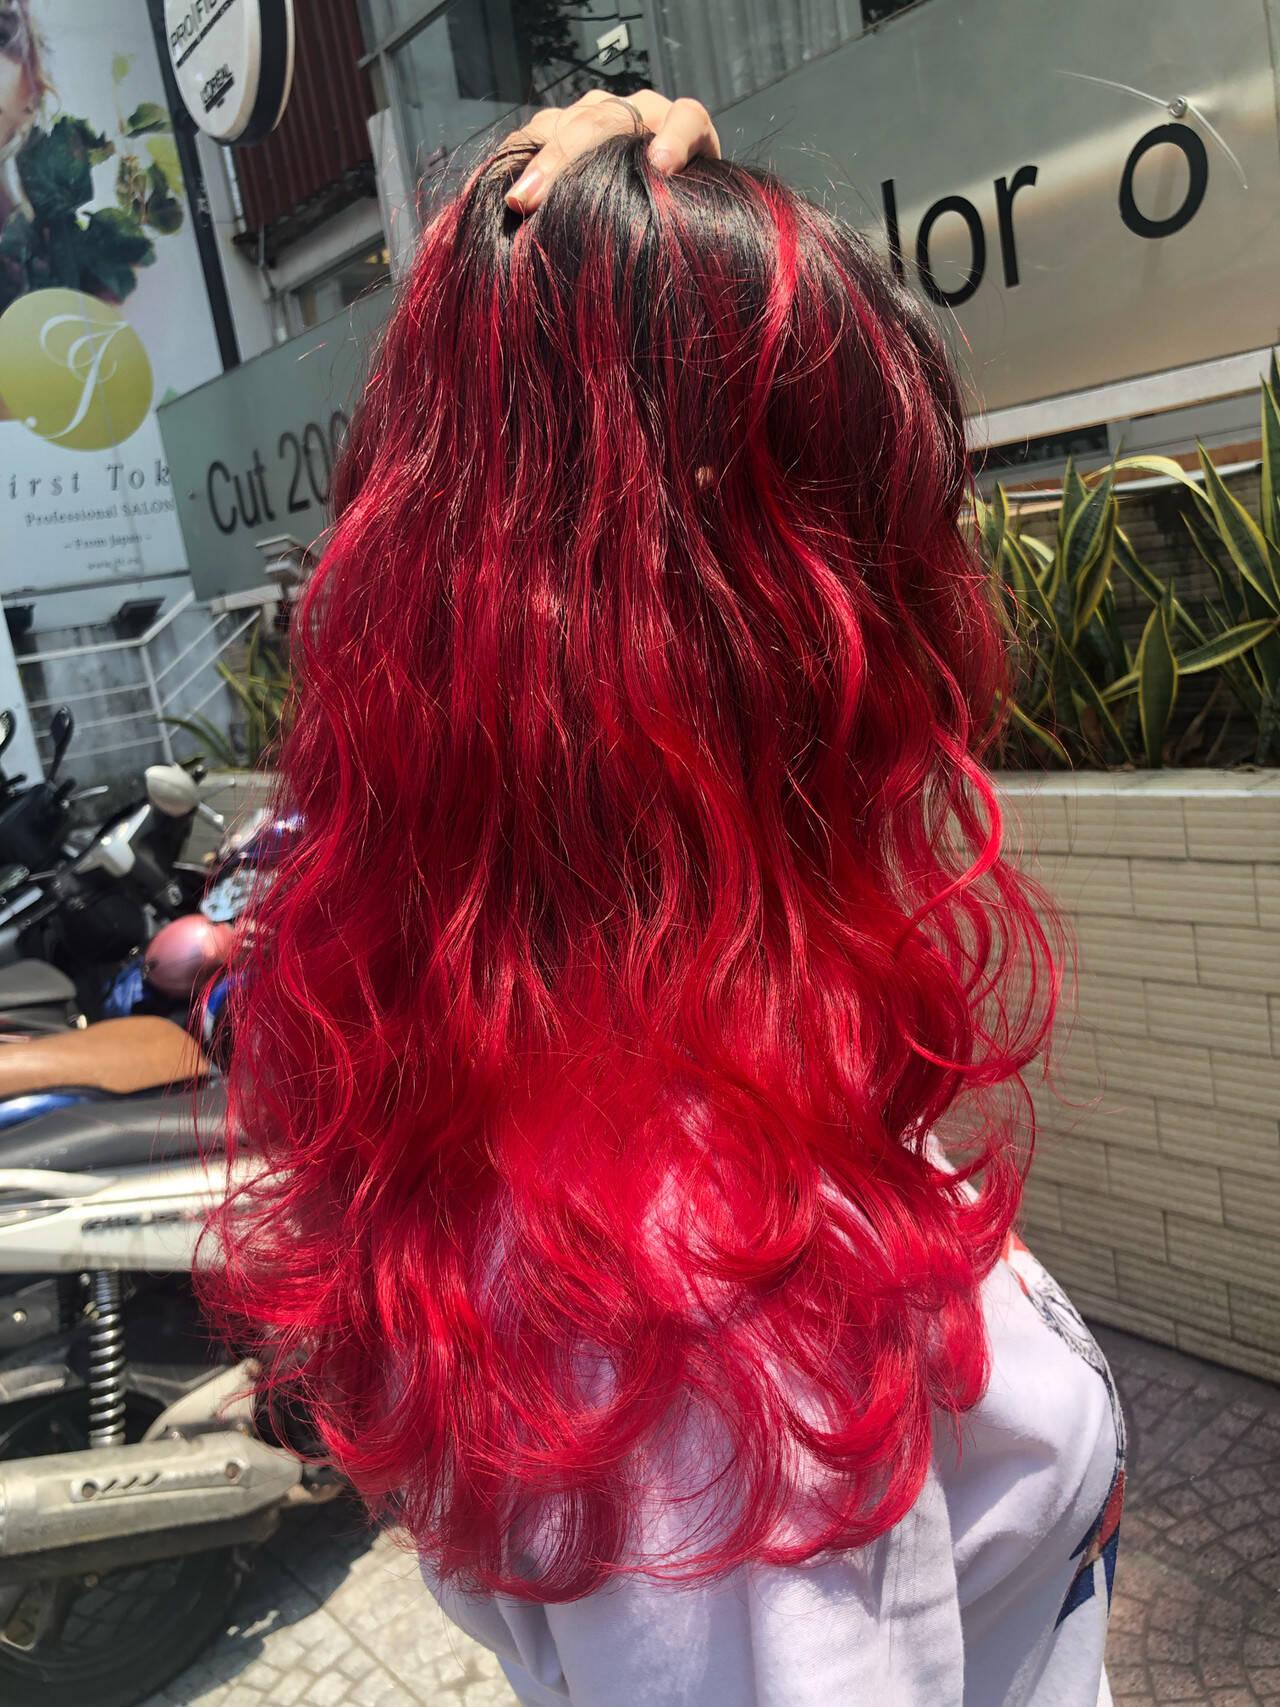 グラデーションカラー 赤髪 ハイライト ブリーチカラーヘアスタイルや髪型の写真・画像